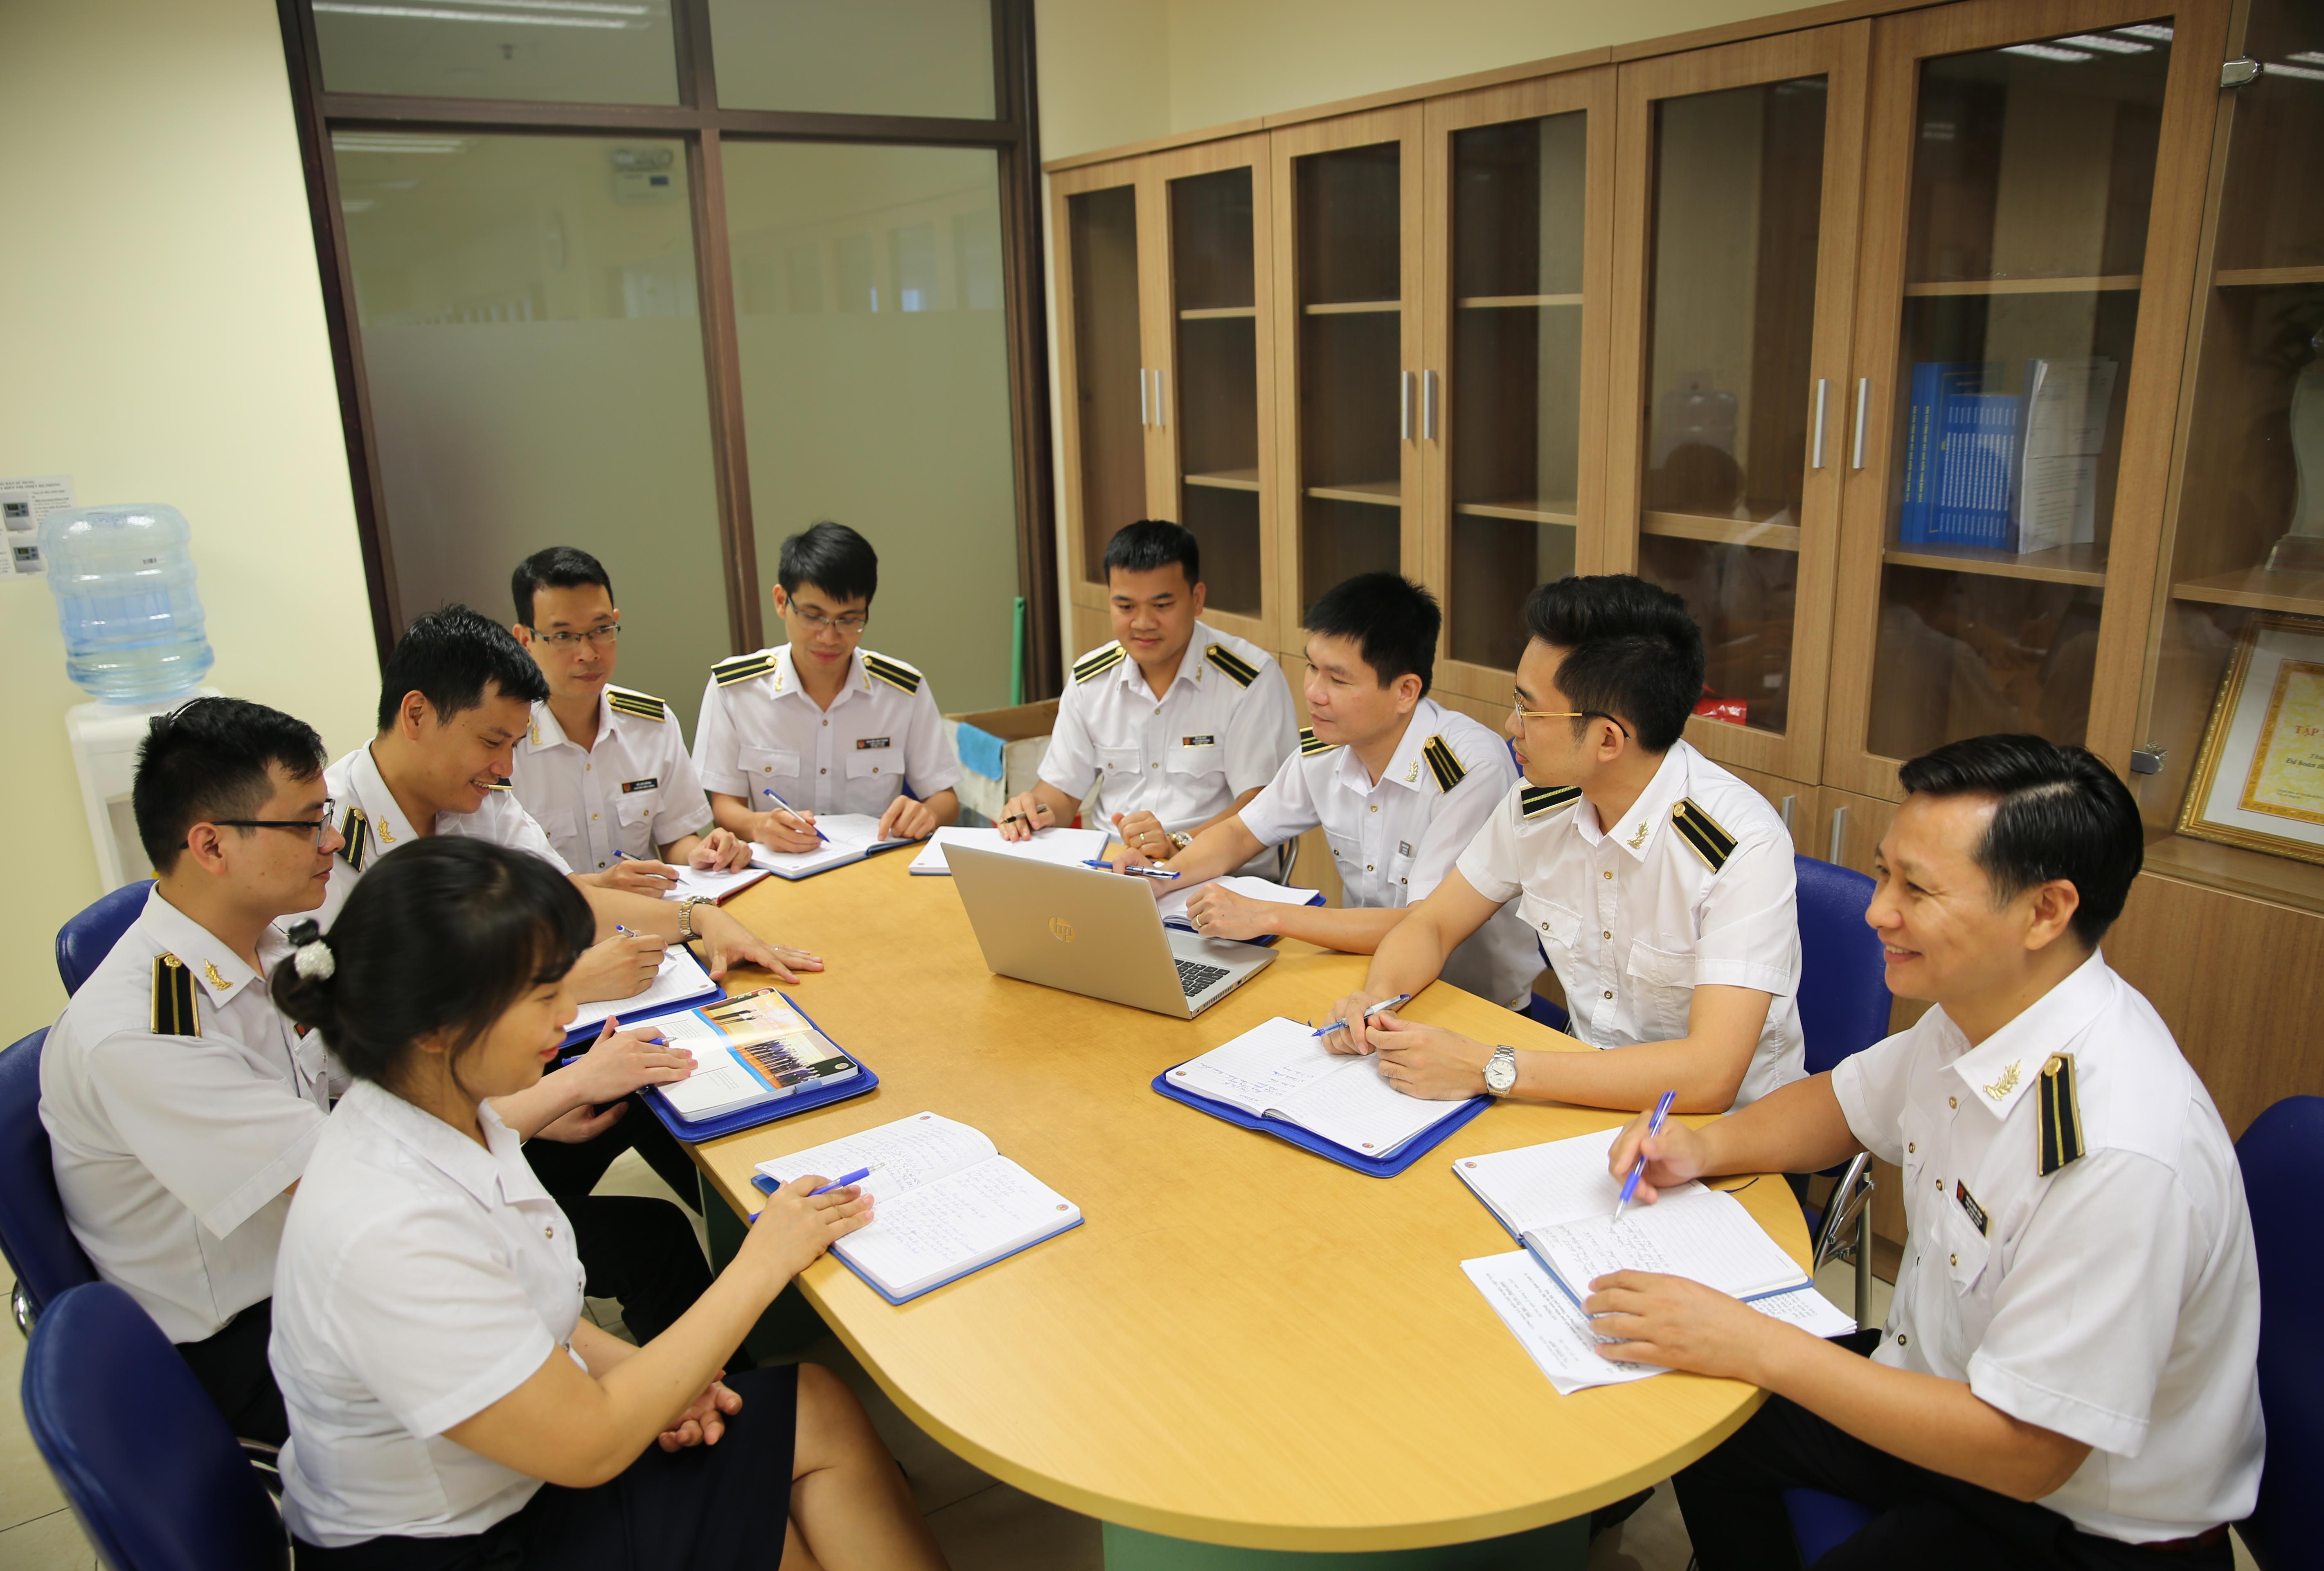 Phòng Tổng hợp - KTNN Chuyên ngành Ib: Chủ động tích cực trong công tác tham mưu và thực hiện nhiệm vụ